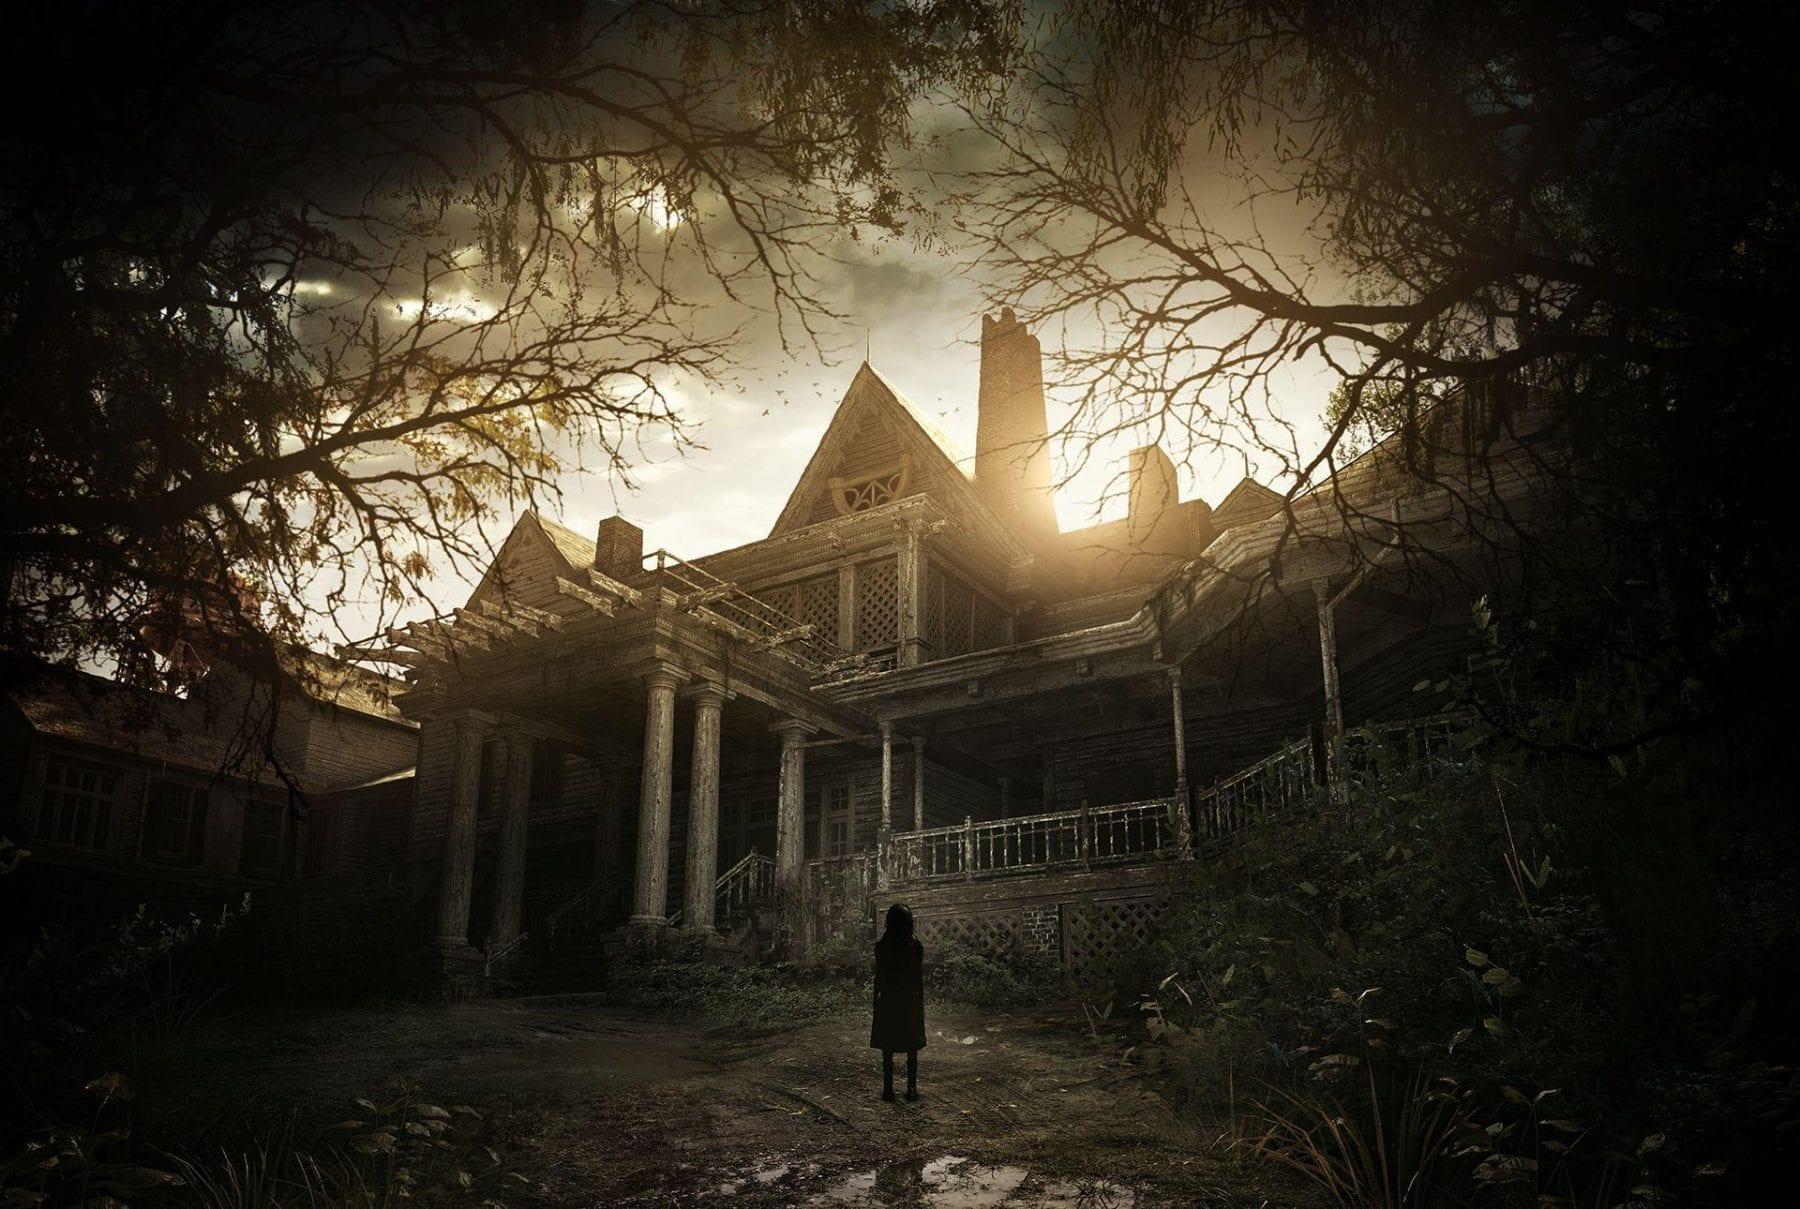 The Baker Mansion in some promo art for Resident Evil 7